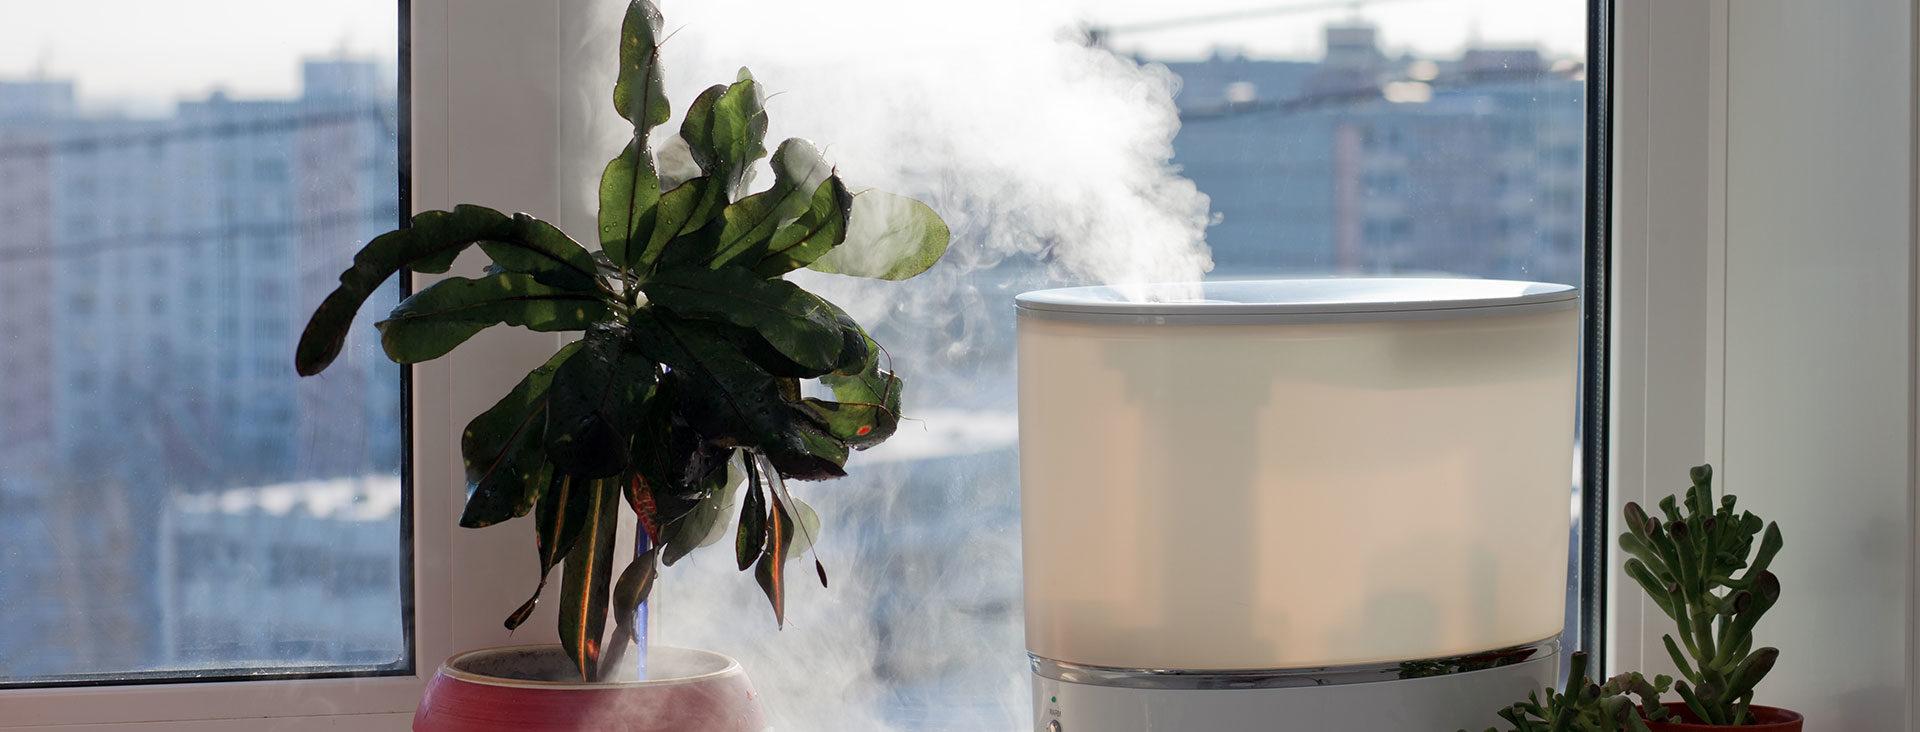 Schlechte Luft? Diese Top-3-Luftreiniger helfen Ihrer Wohnung ...